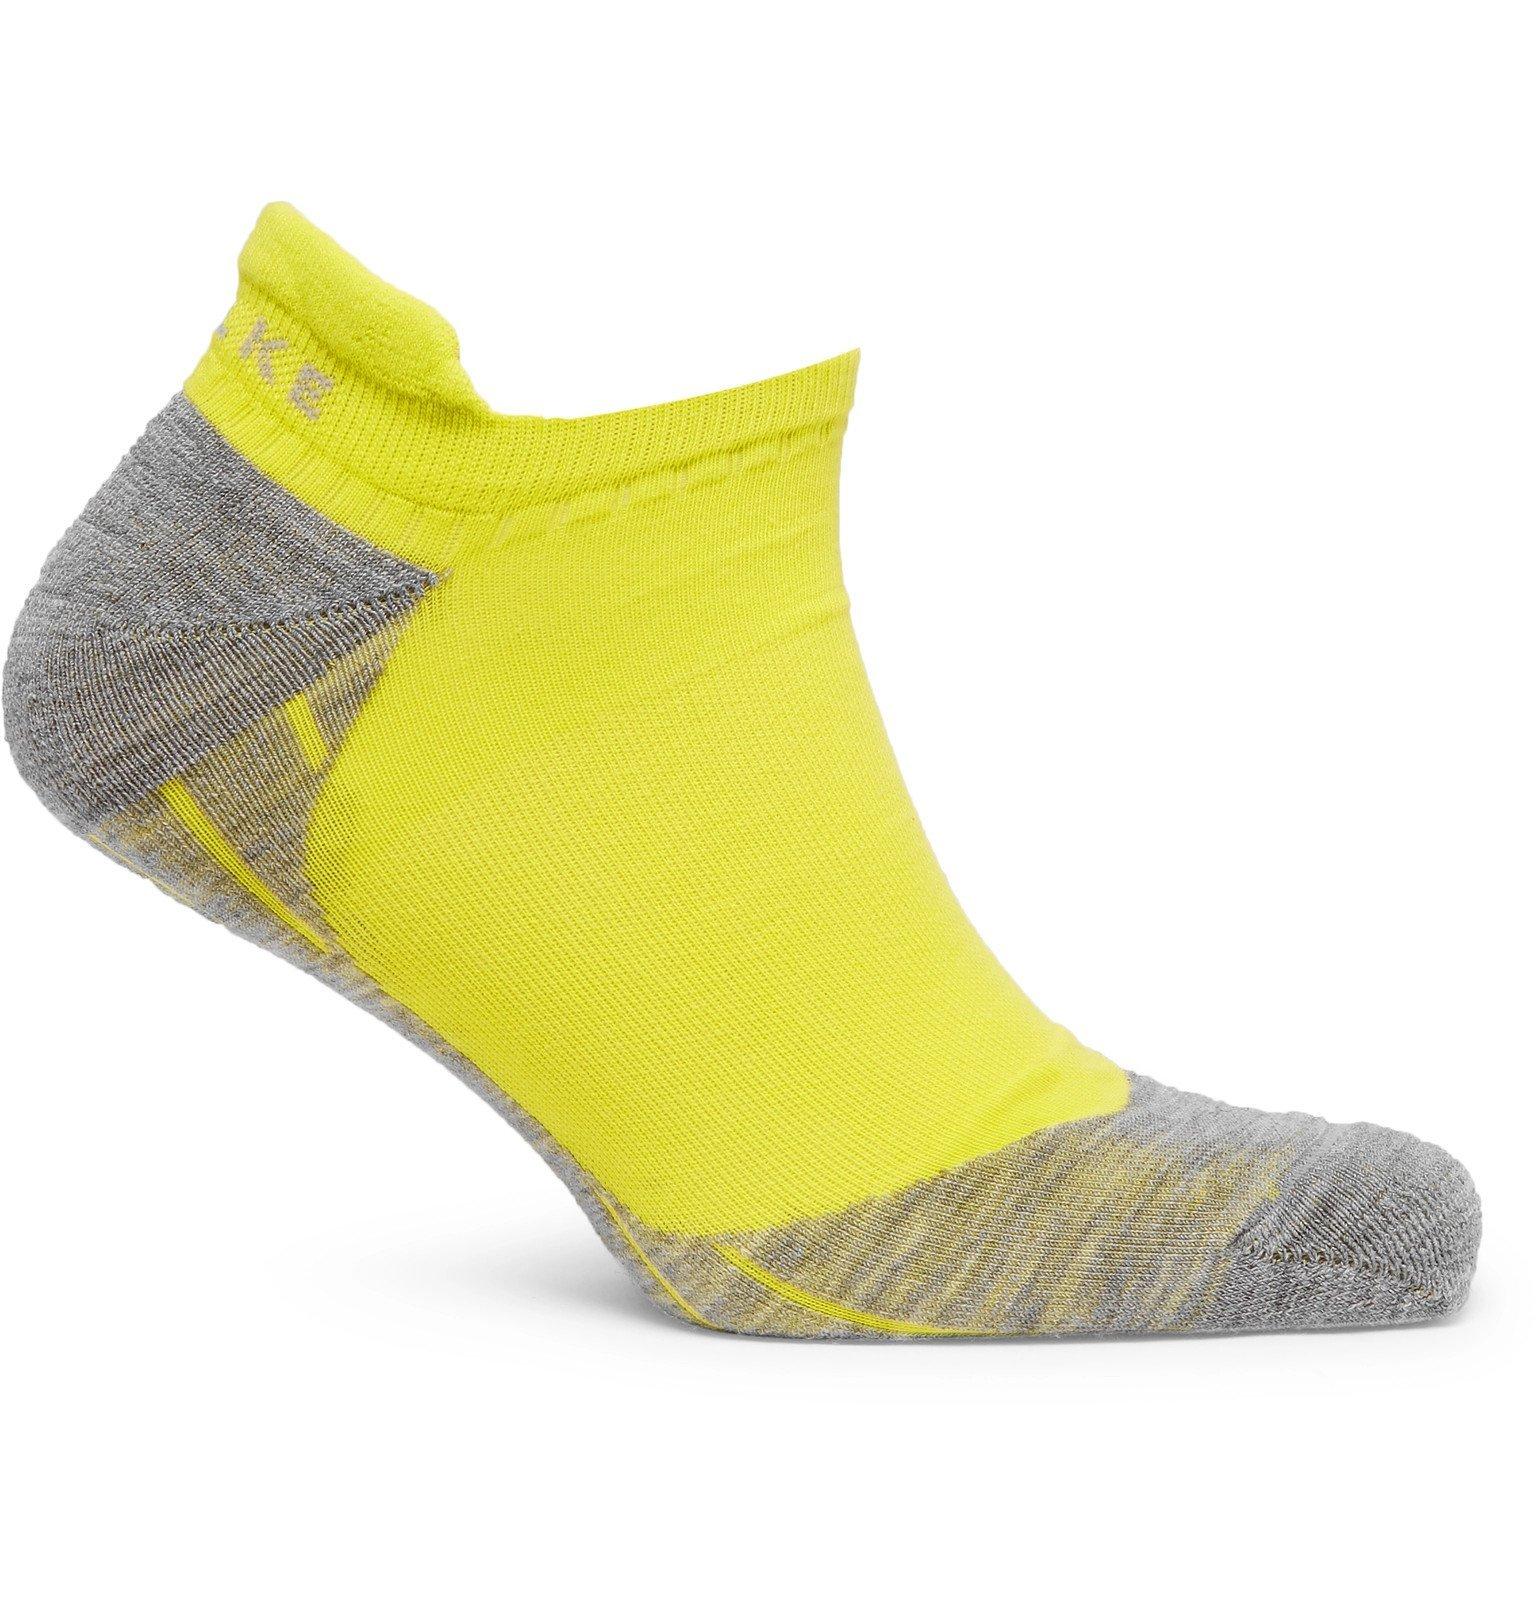 Photo: FALKE Ergonomic Sport System - RU4 Stretch-Knit No-Show Socks - Yellow